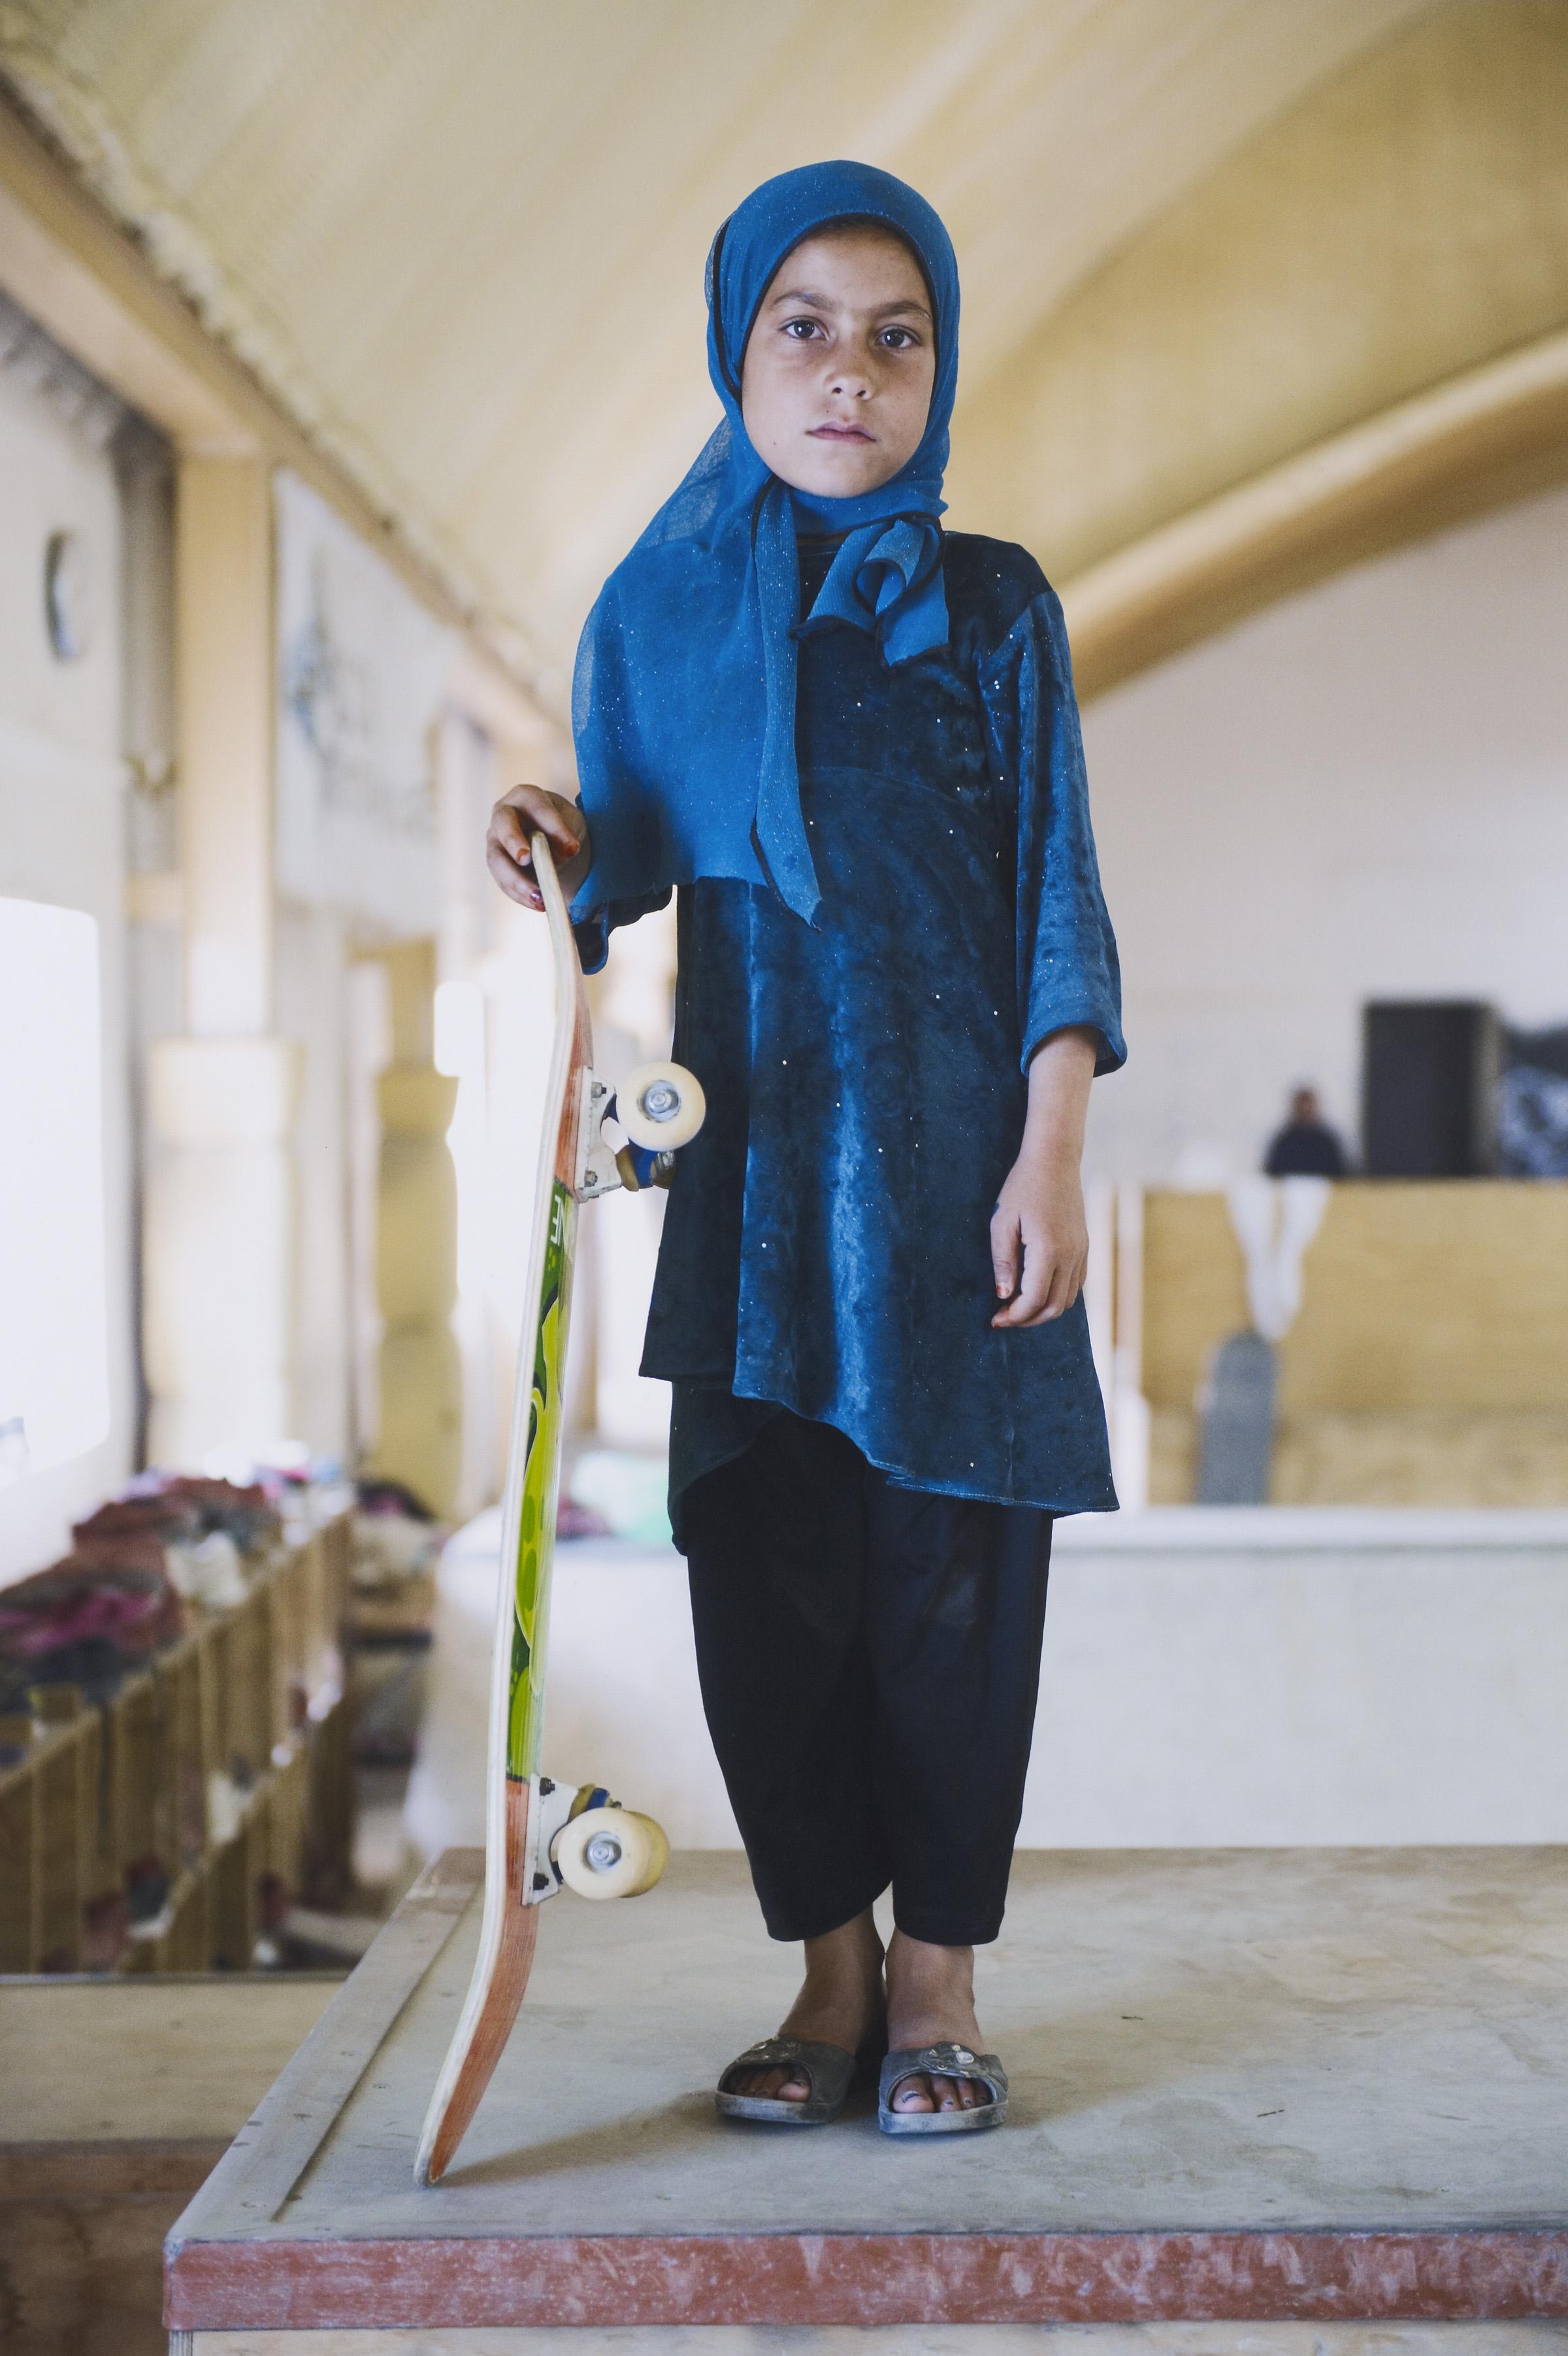 Skate Girl, shortlisted entry